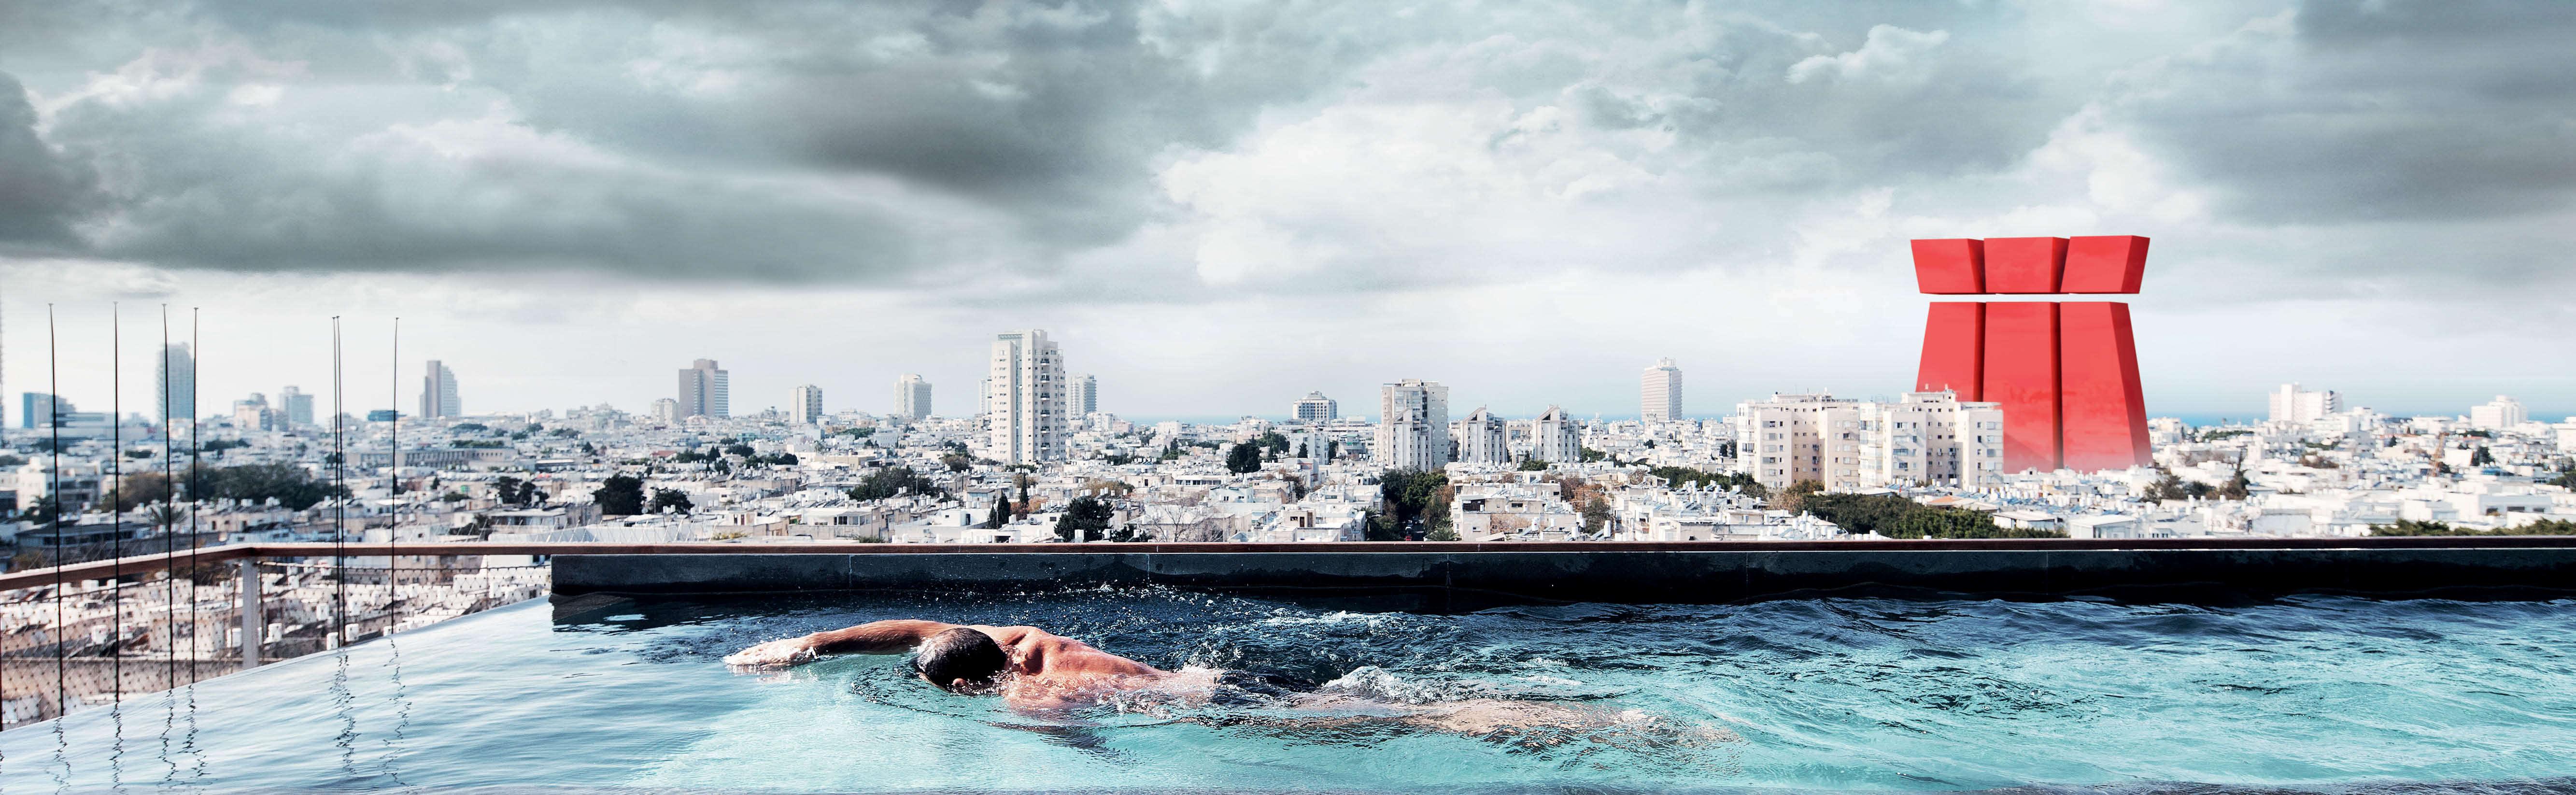 Slide fne schwimmer